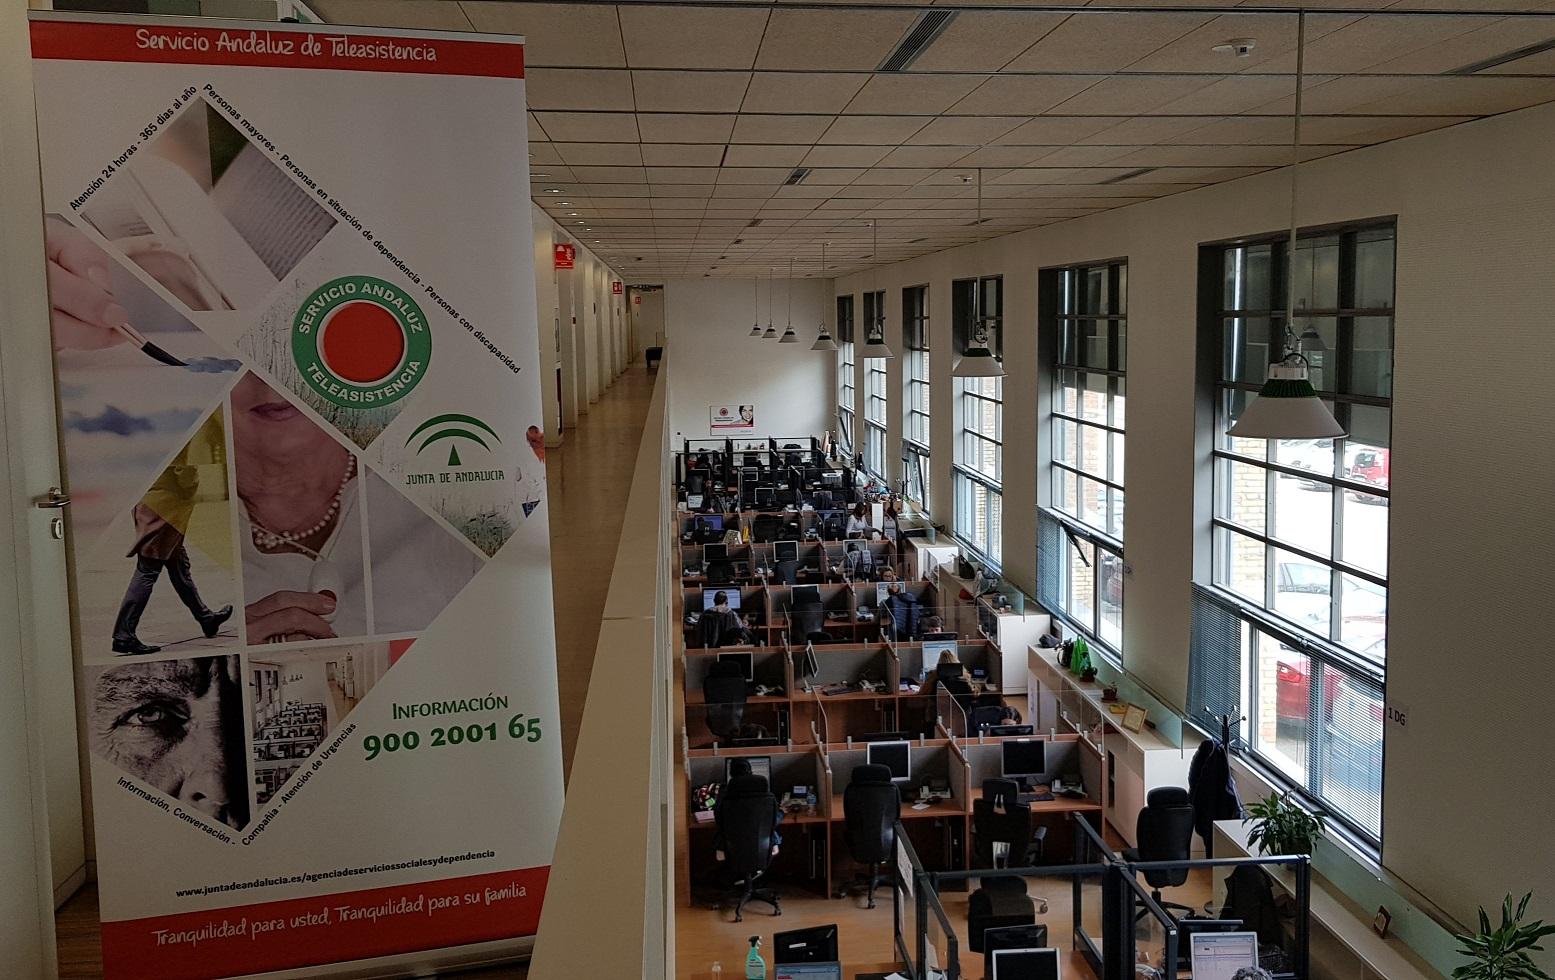 El Servicio de Teleasistencia de la Junta de Andalucía ha gestionado 830.706 llamadas durante 2020 en Granada